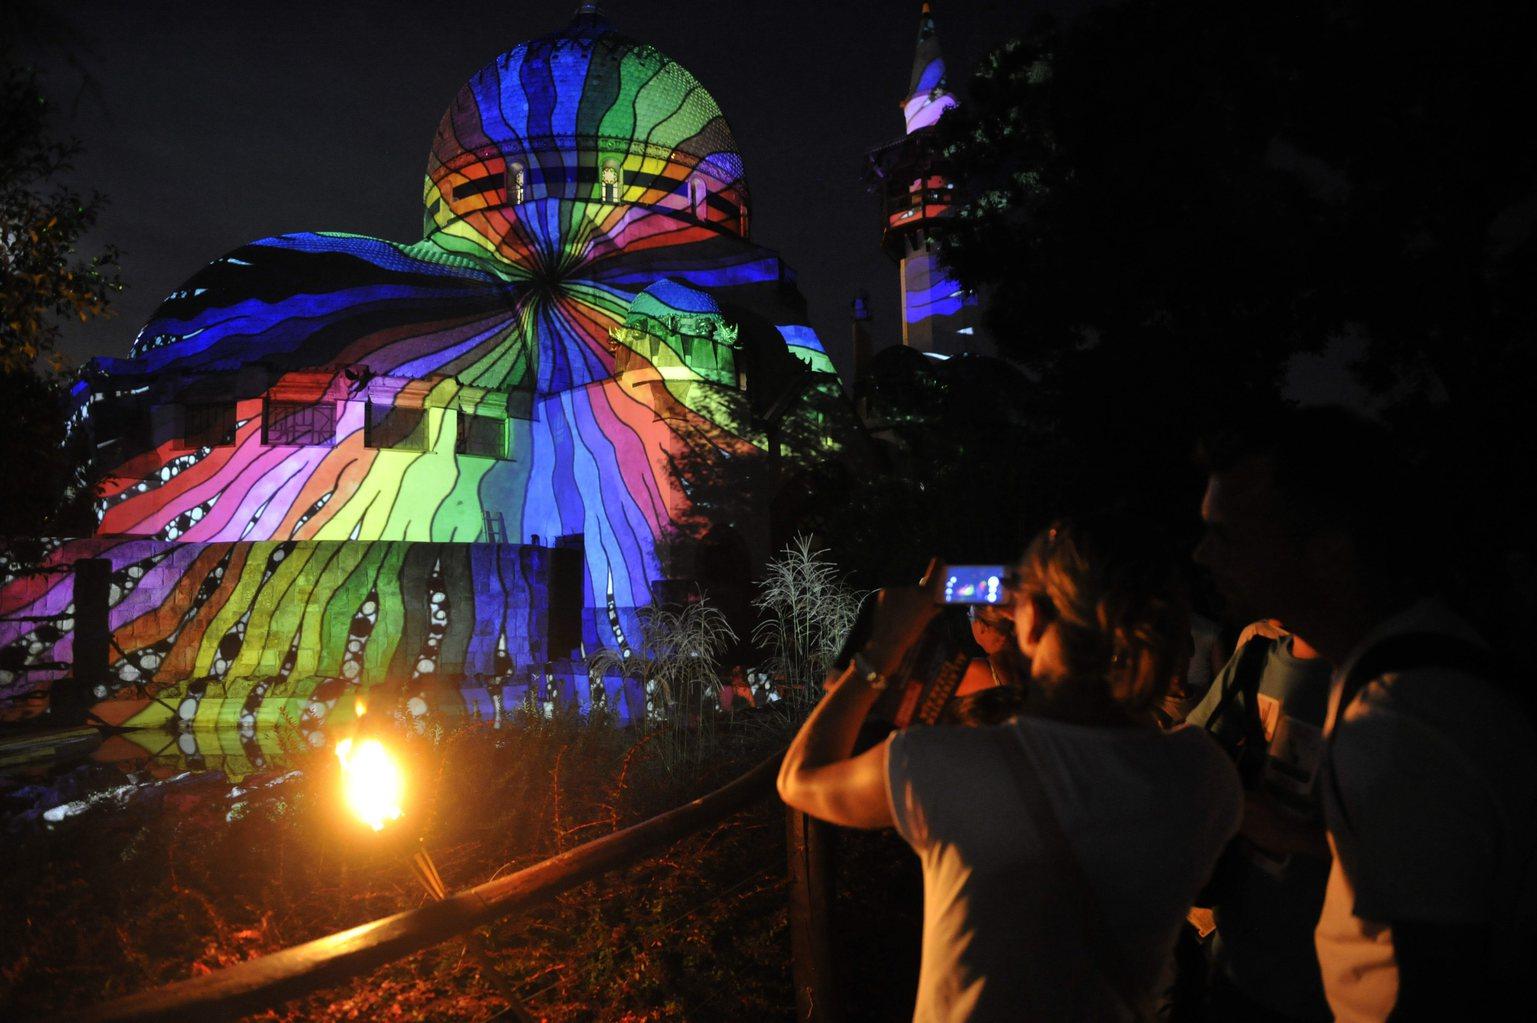 Fényfestés a régi elefántházon az Állatkertek éjszakája rendezvényen a Fővárosi Állat- és Növénykertben 2015. augusztus 28-án este. (MTI Fotó: Kovács Attila)